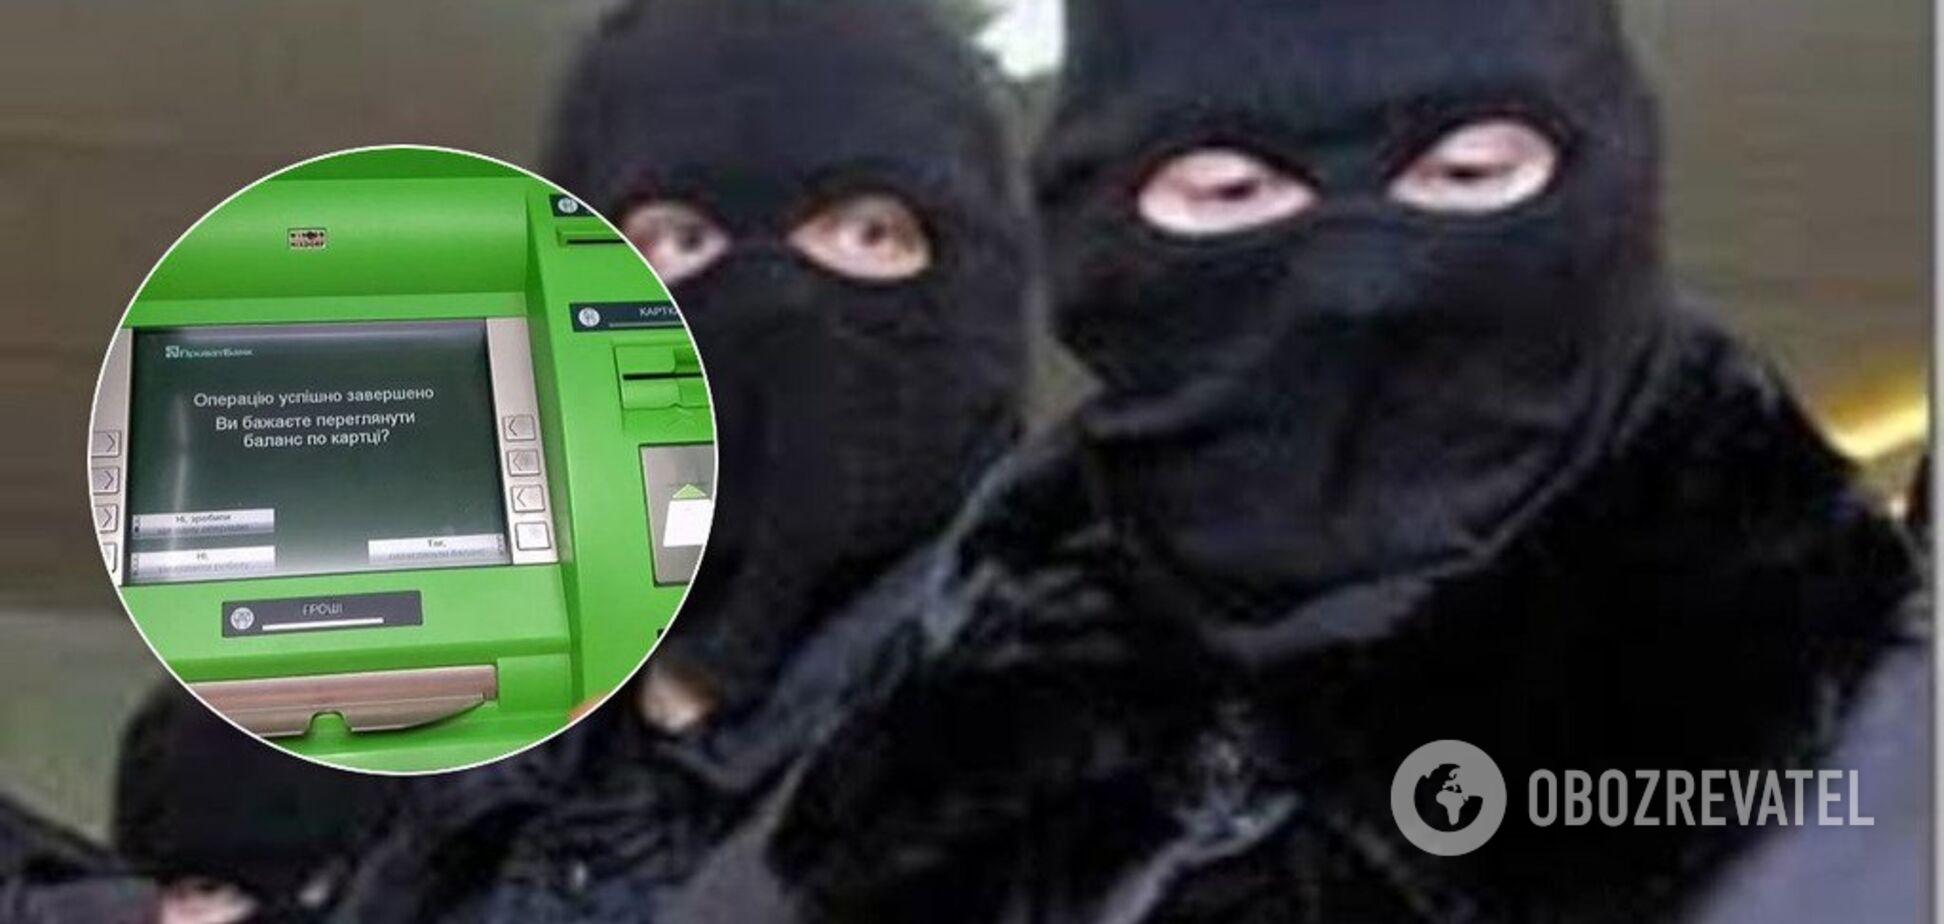 У Києві стався вибух біля банку: поліція почала розшук злочинців